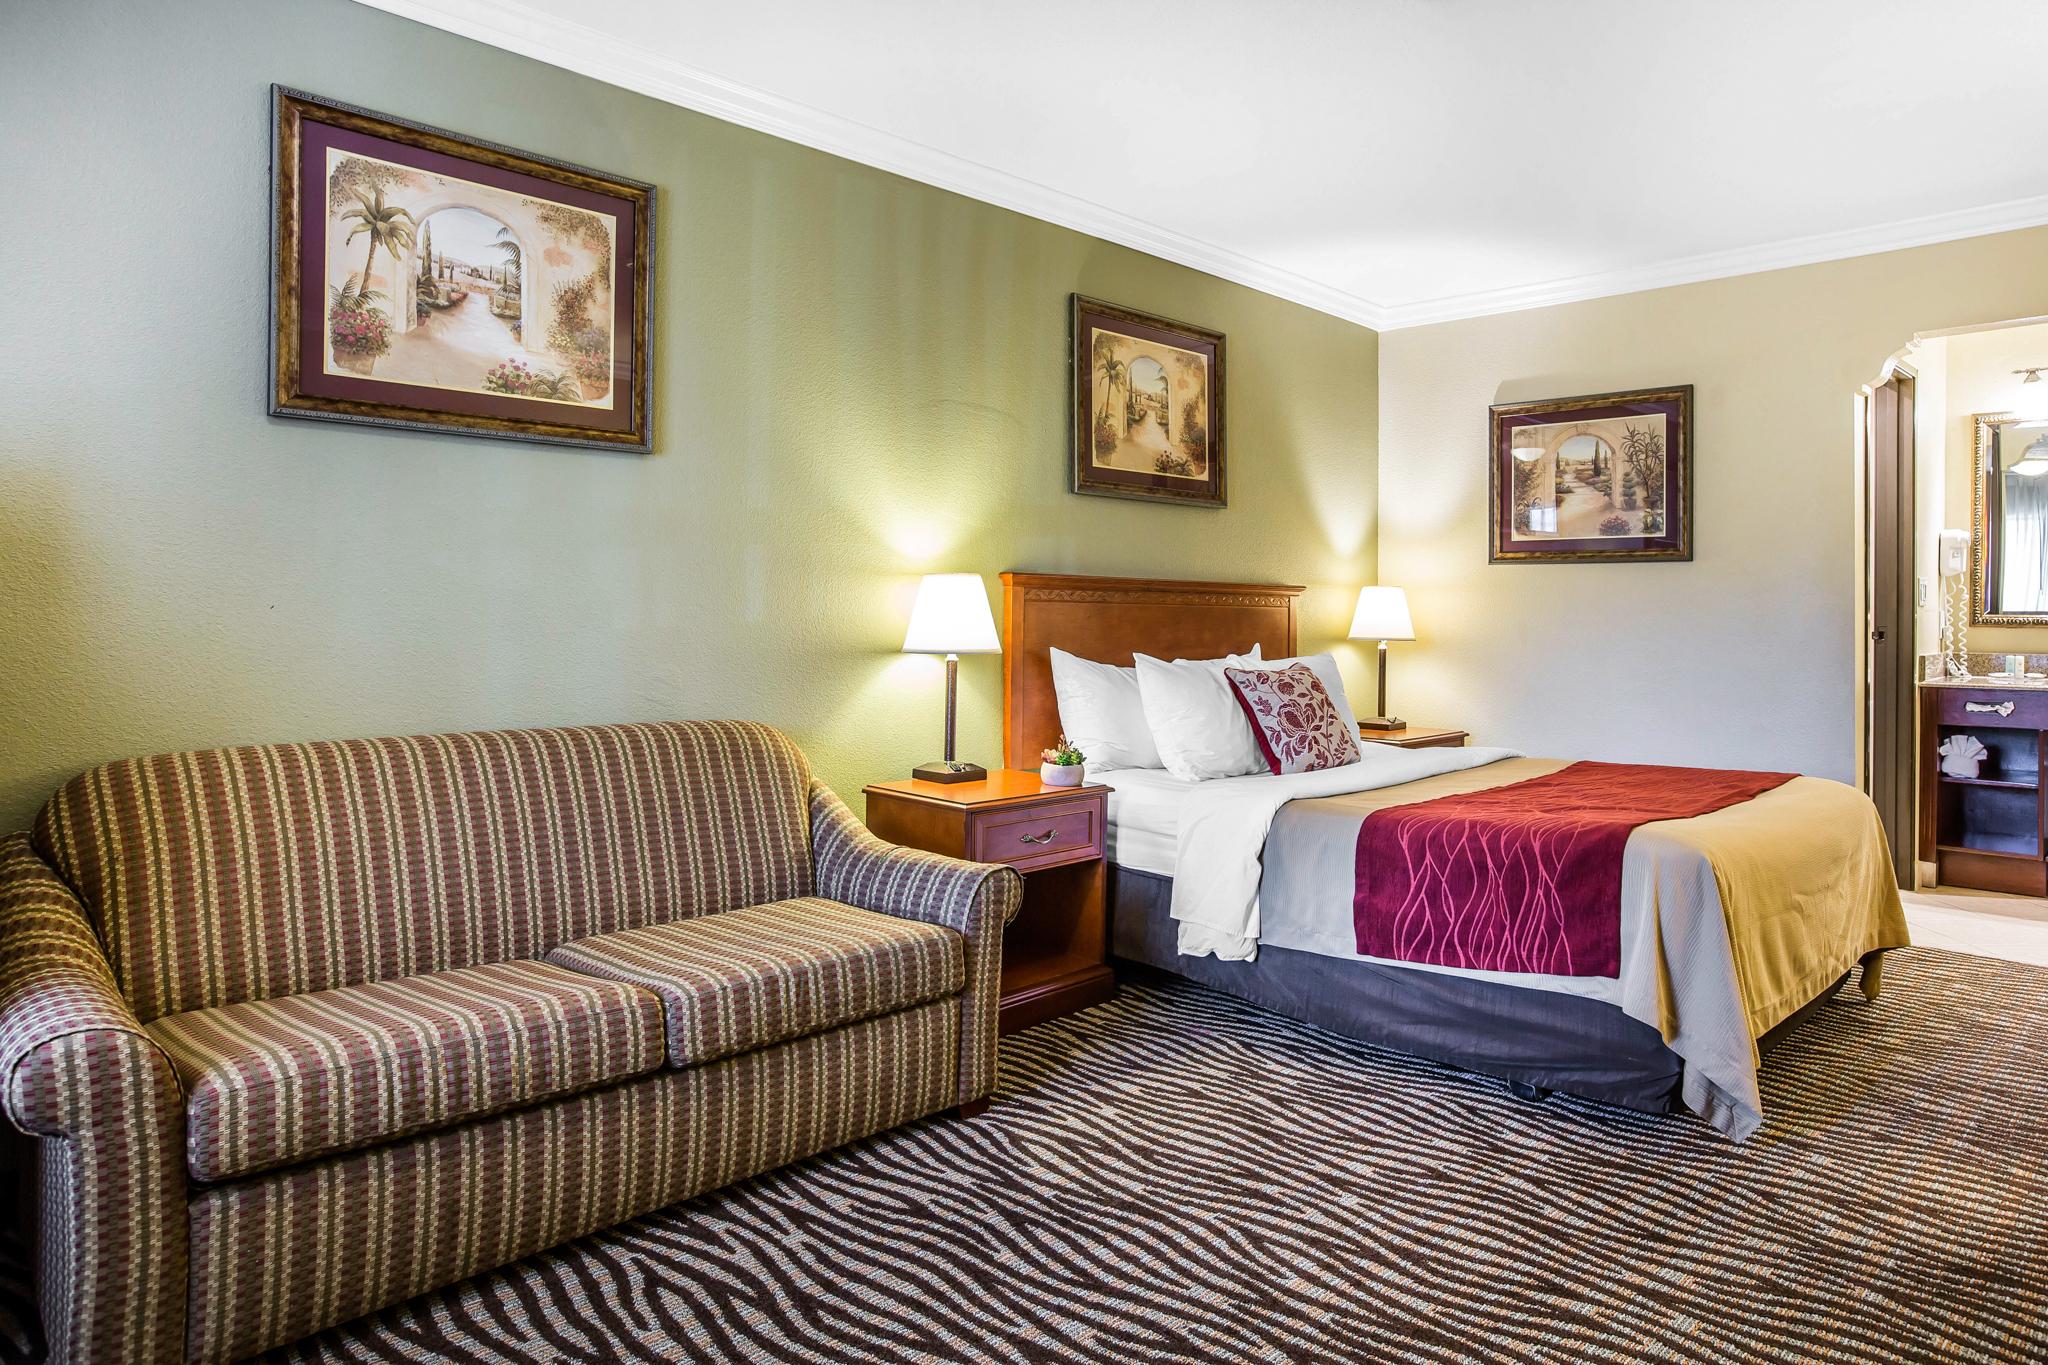 Comfort Inn Laguna Hills At Irvine Spectrum In Laguna